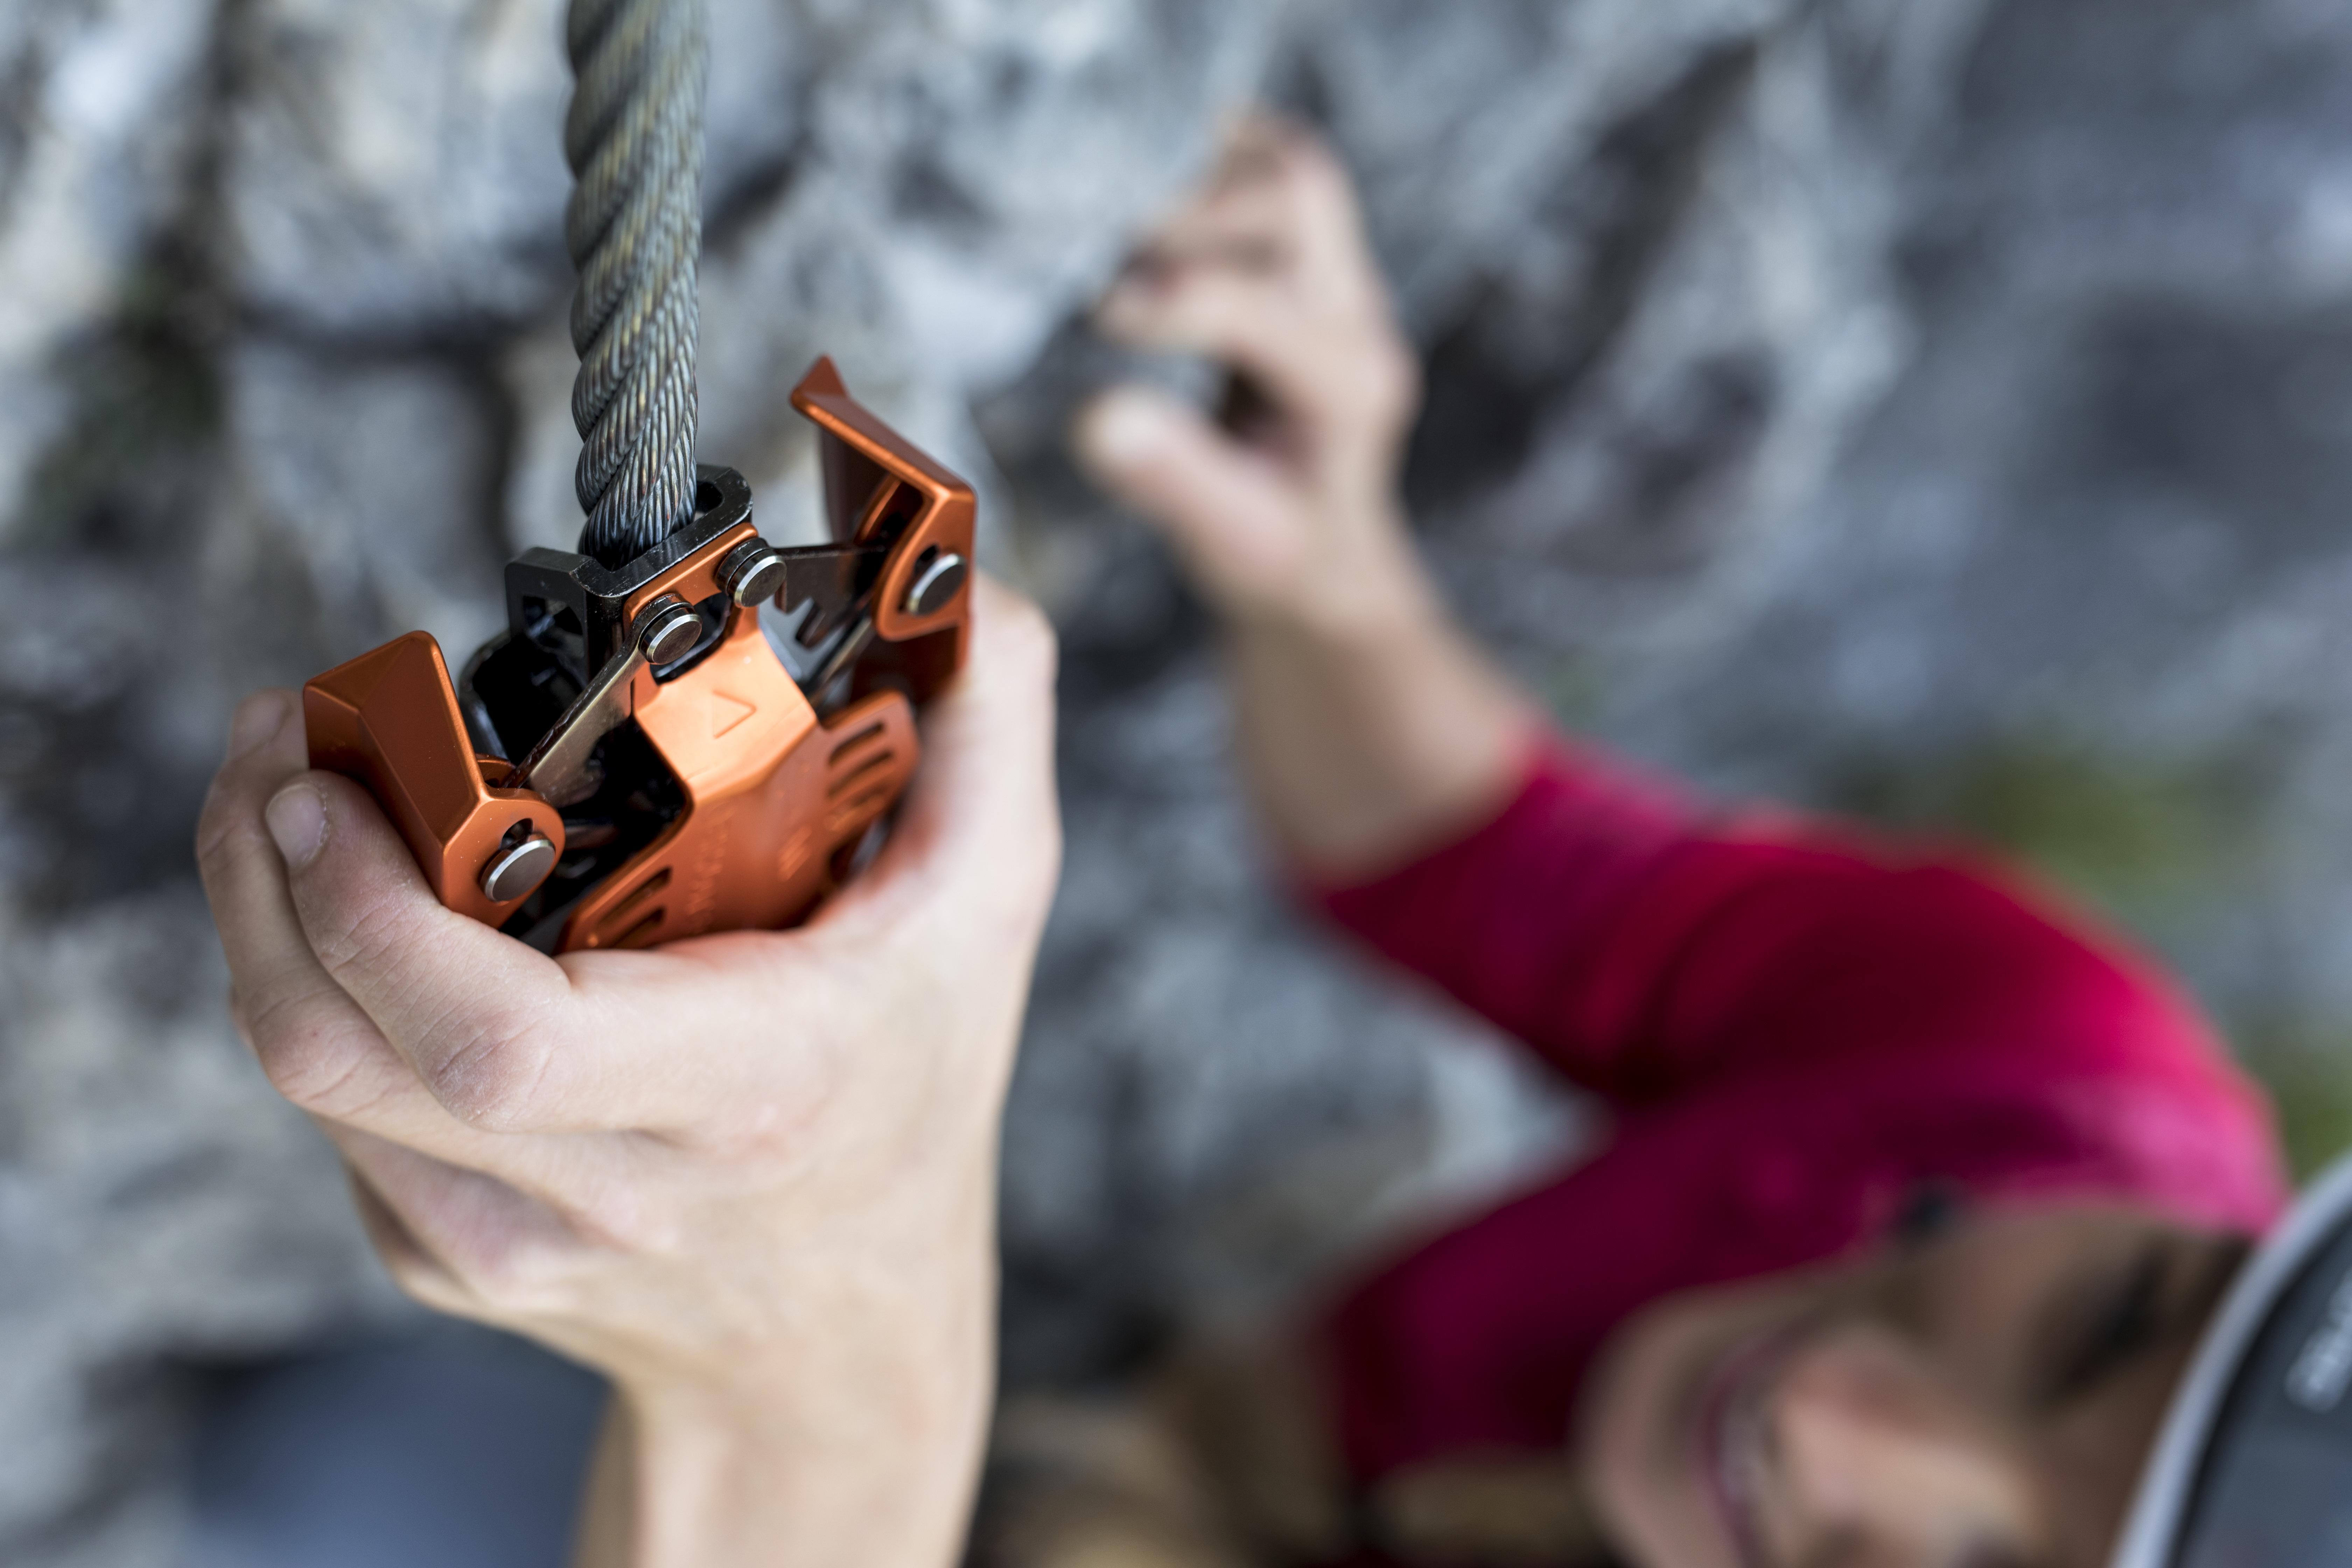 Skylotec Klettergurt Erfahrungen : Das jahr stand für skylotec ganz im zeichen des